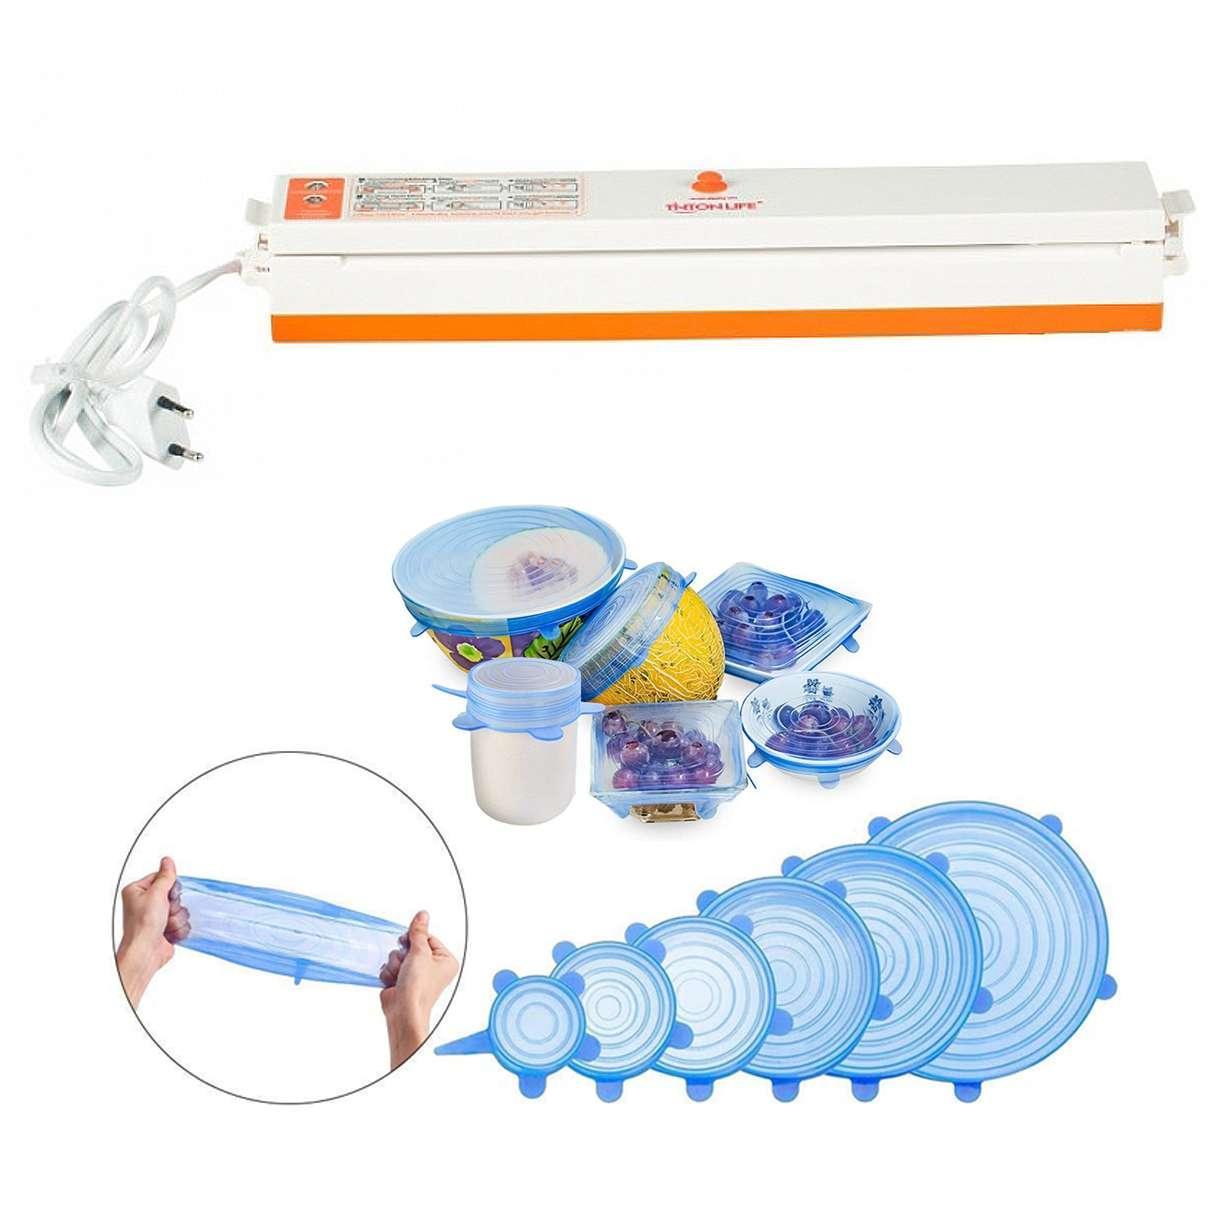 Вакууматор вакуумный упаковщик FreshpackPRO с подарком Силиконовые крышки Silicone lids 6шт M11-261318